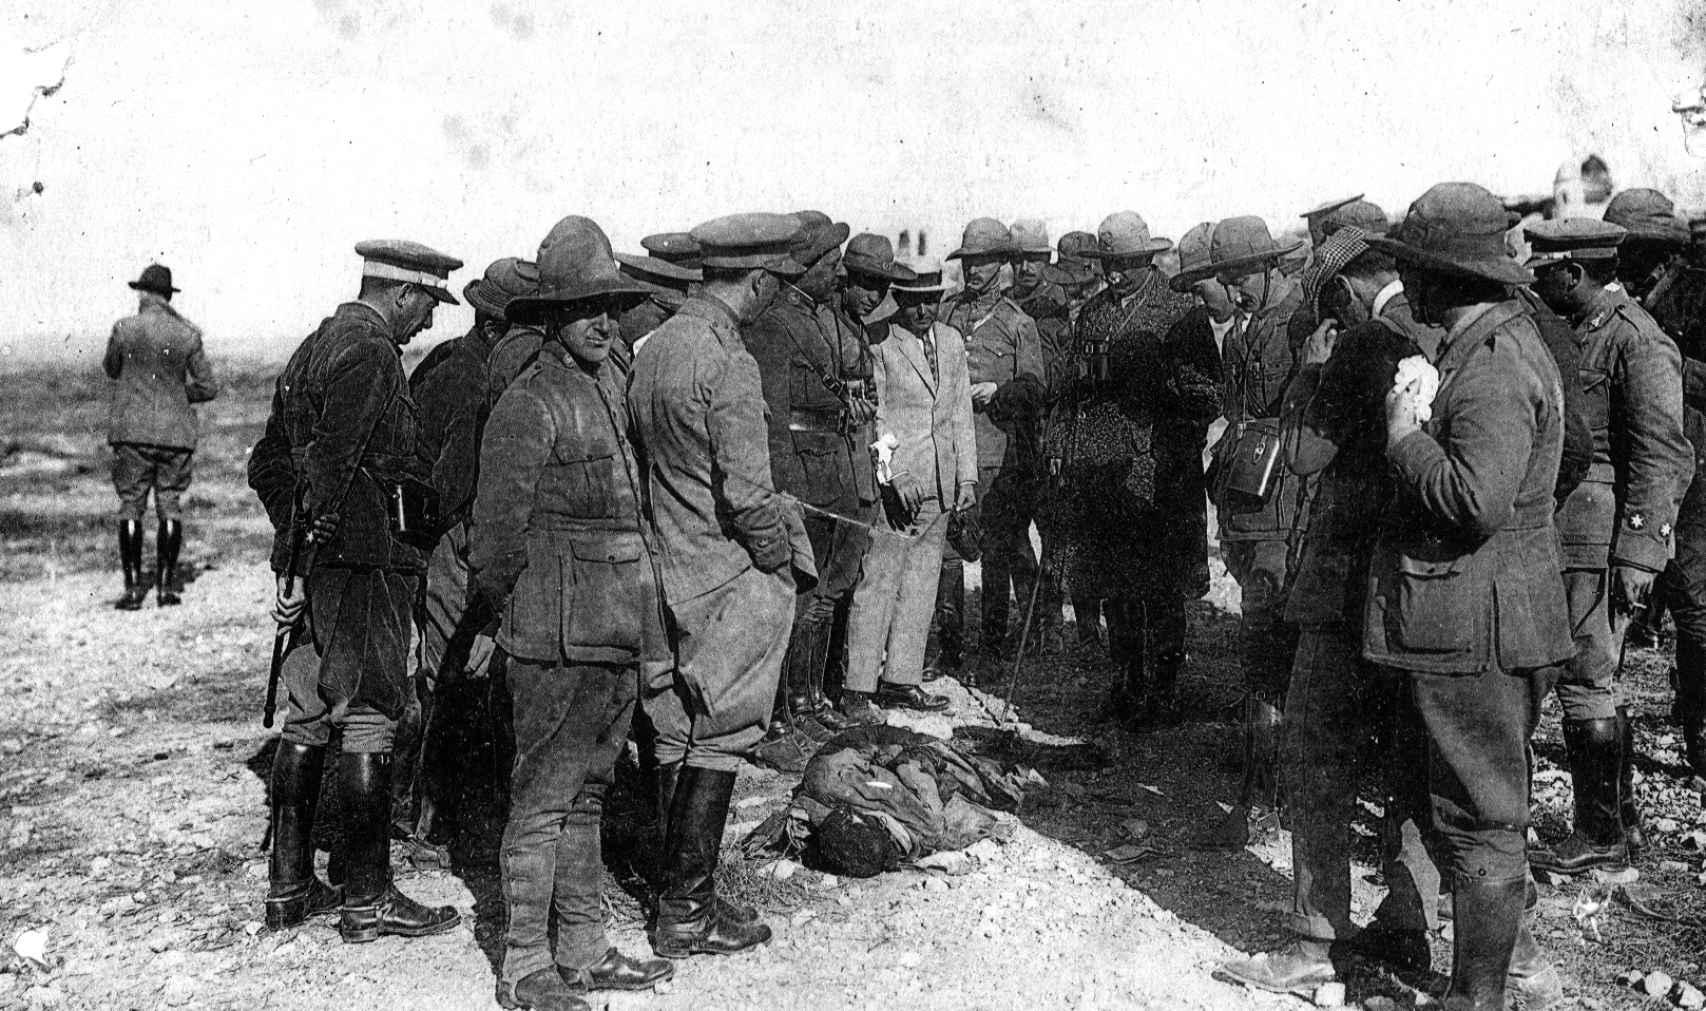 El alto comisario Dámaso Berenguer, rodeado de varias personas, contempla un cadáver encontrado con las manos atadas a la espalda tras los sucesos de Monte Arruit en 1921.